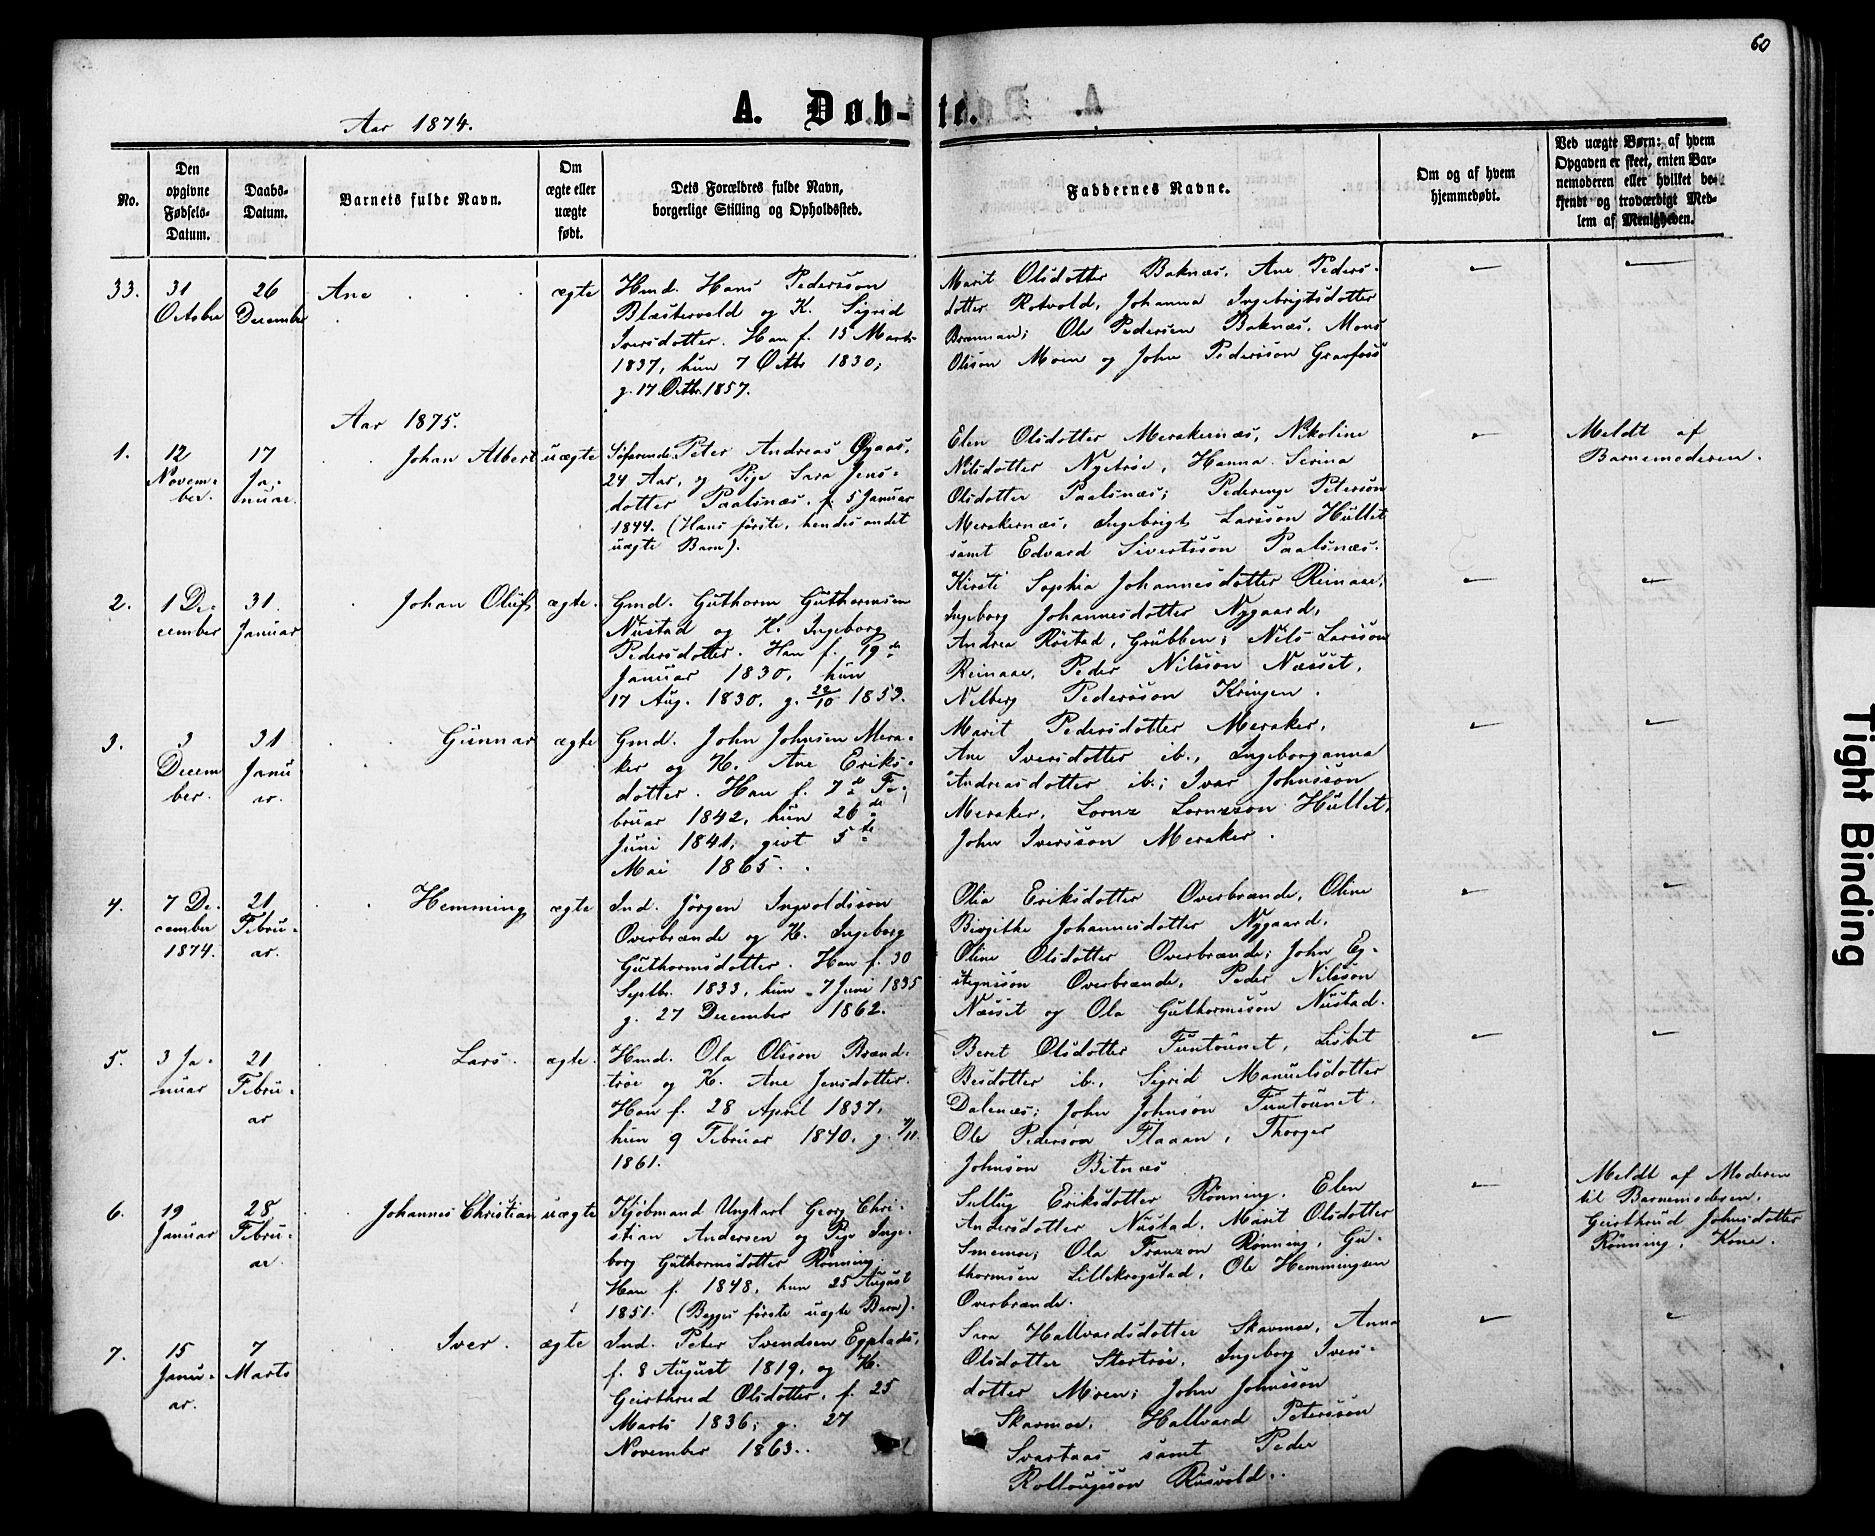 SAT, Ministerialprotokoller, klokkerbøker og fødselsregistre - Nord-Trøndelag, 706/L0049: Parish register (copy) no. 706C01, 1864-1895, p. 60